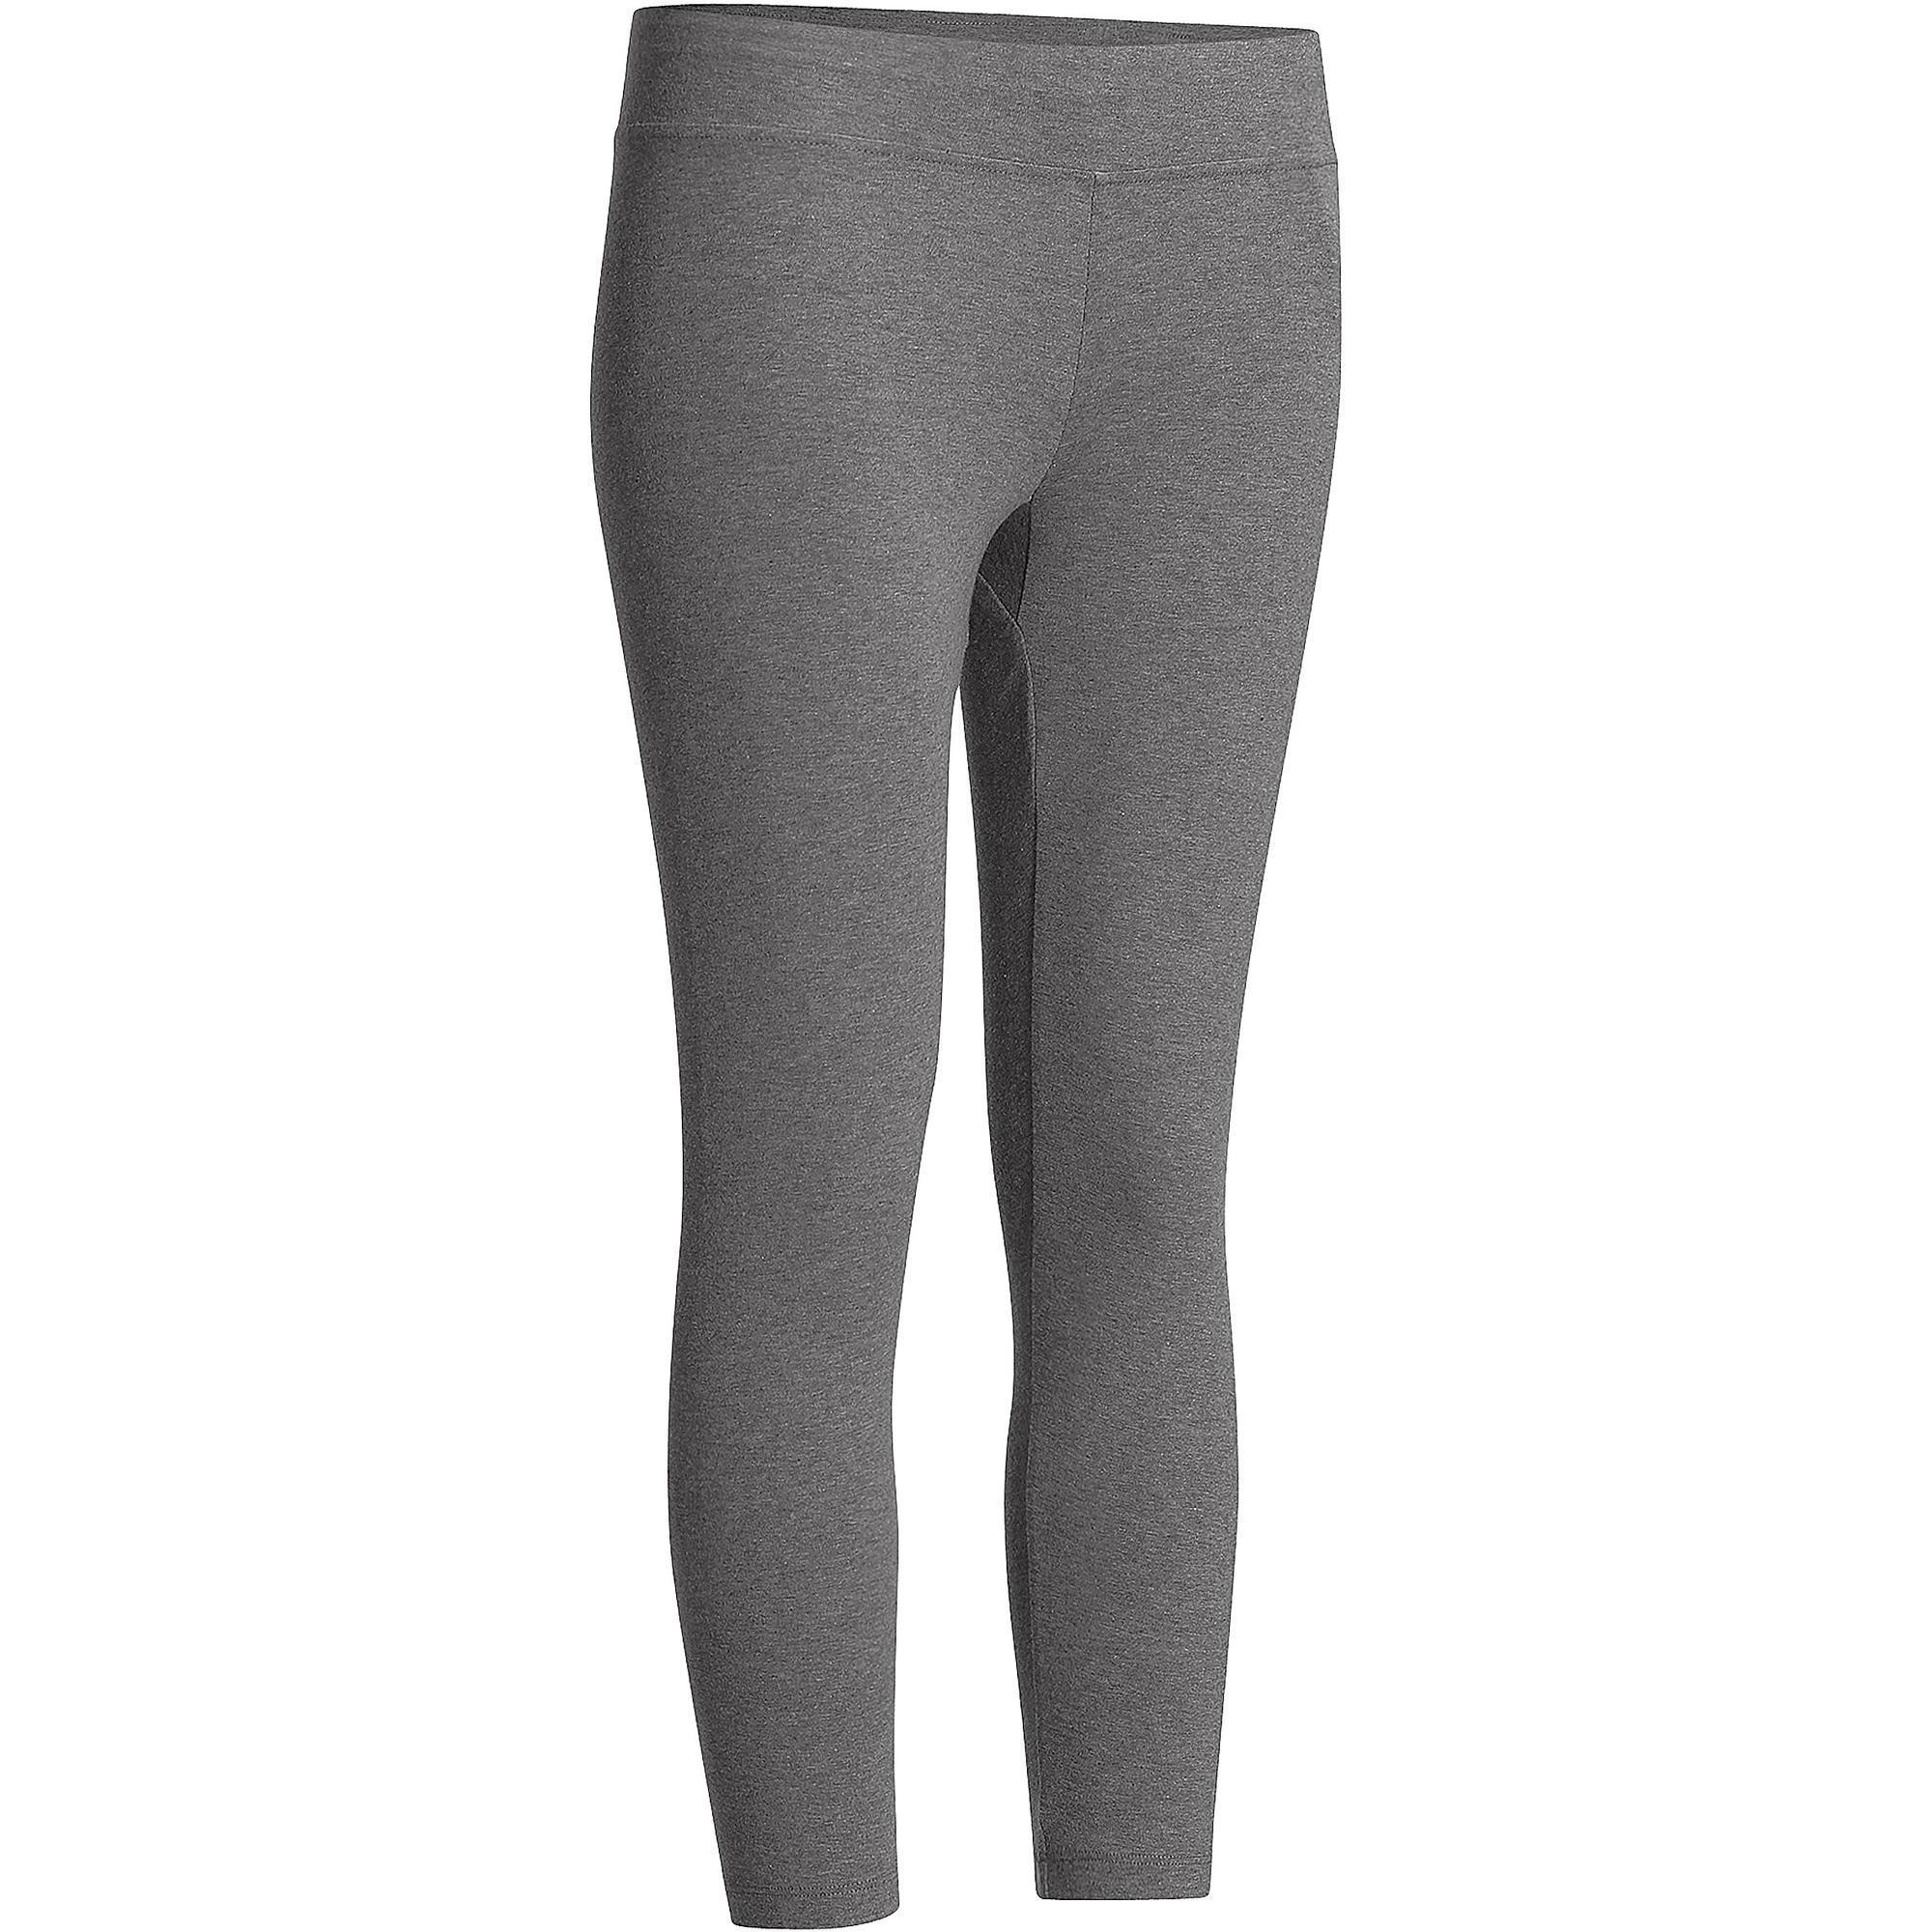 Domyos 7/8-legging Fit+ 500 slim fit pilates en lichte gym dames gemêleerd grijs vergelijken? Domyos ervaringen? Domyos – Pilates – 7/8-legging – 7/8-legging Fit+ 500 slim fit pilates en lichte gym dames gemêleerd grijs. Onze ontwerpers ontwikkelden deze 7/8-legging voor pilates of lichte gym. Ze is geschikt voor gemiddeld intensief sporten. met voordeel